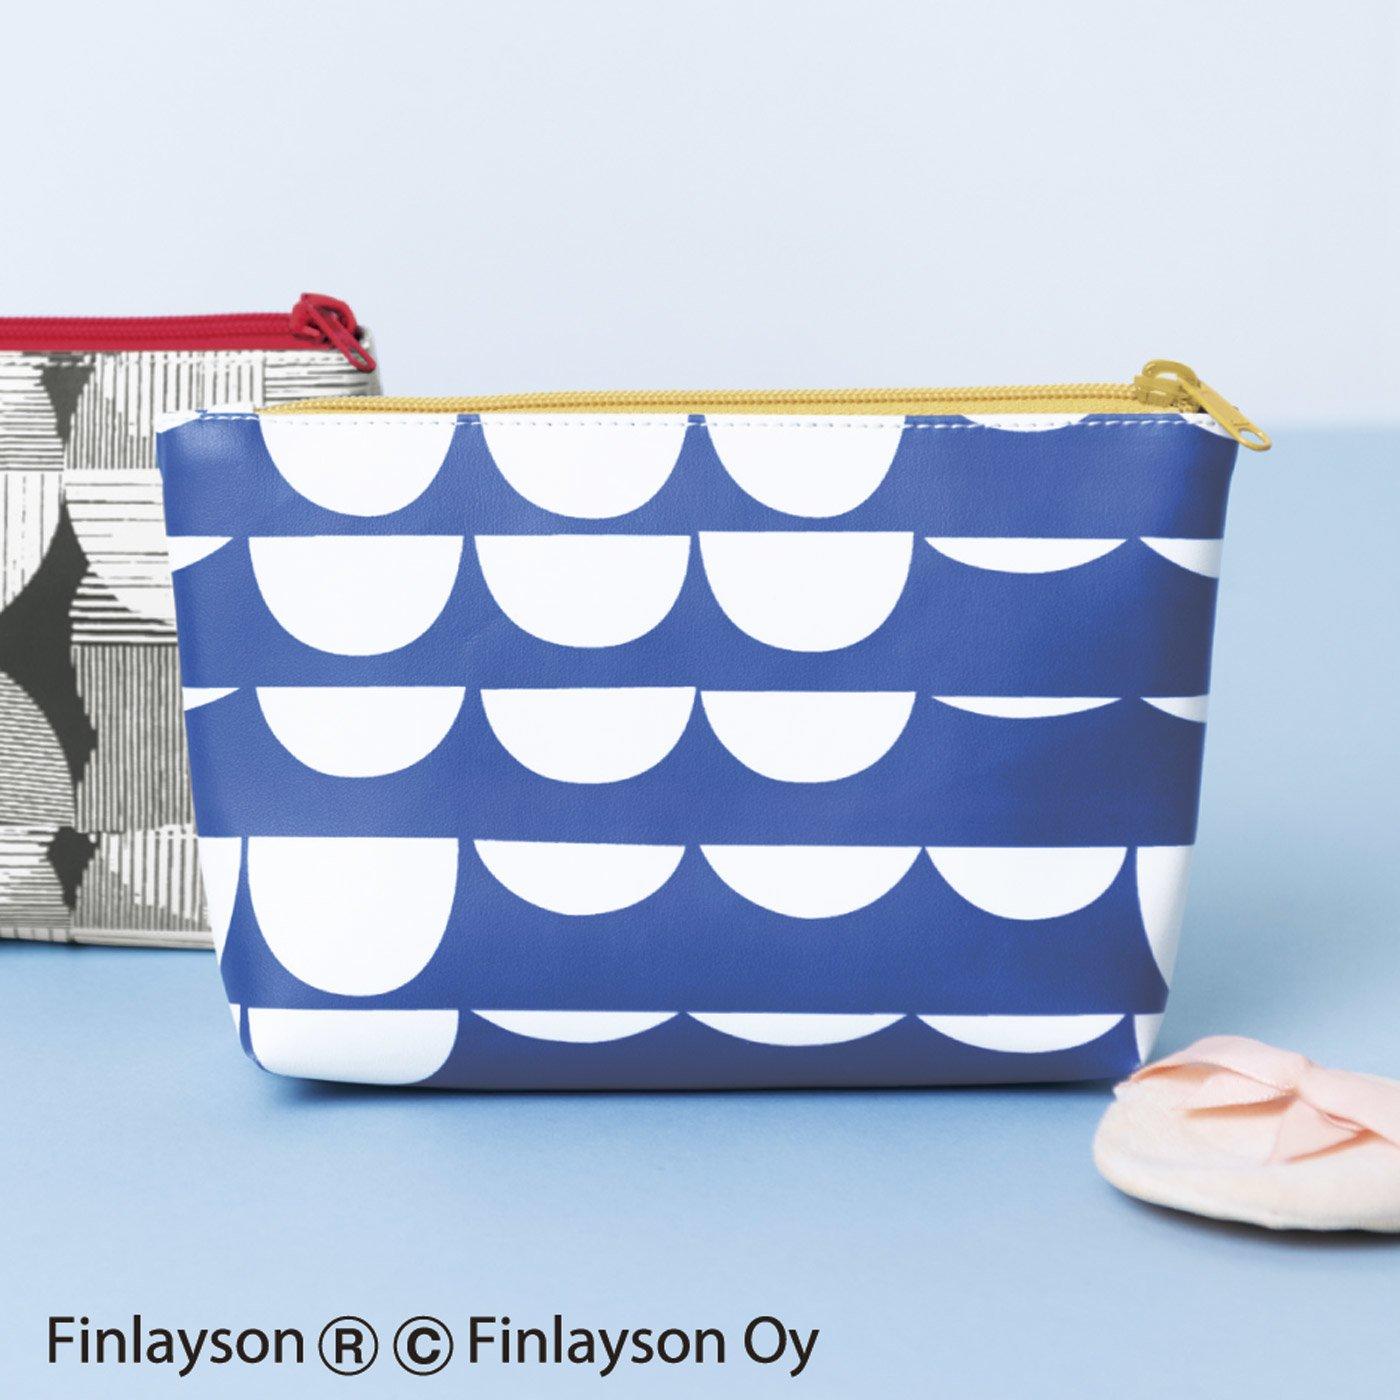 フィンレイソン いろいろ使える合皮のポーチ〈パヤッツォ〉